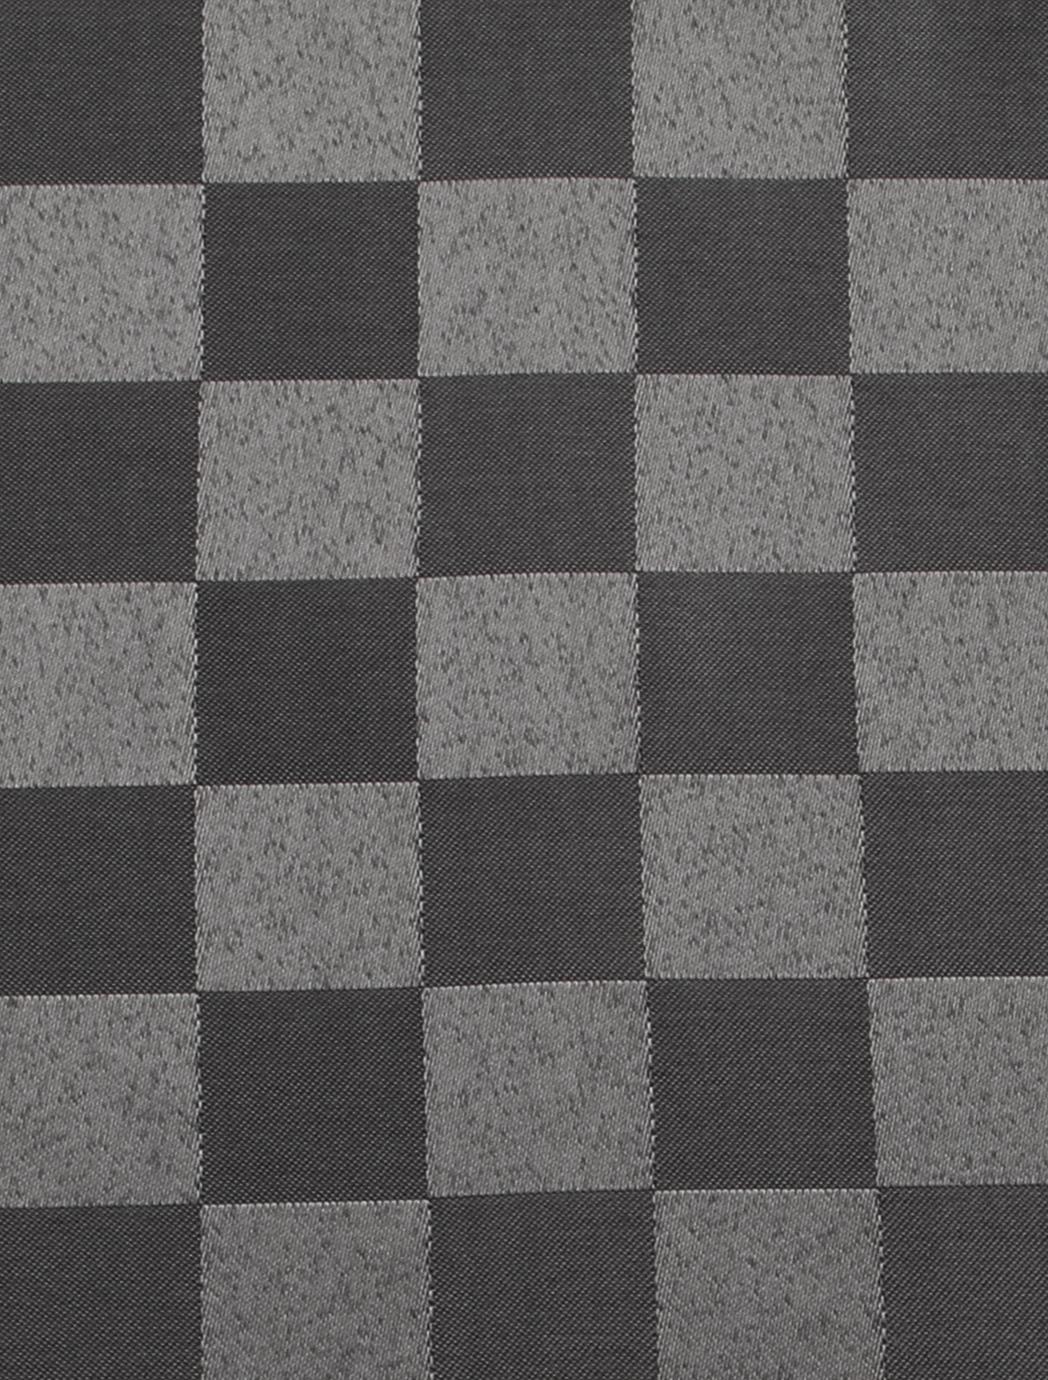 KÁRO UBRUS 85 x 85 cm šedo stříbrný